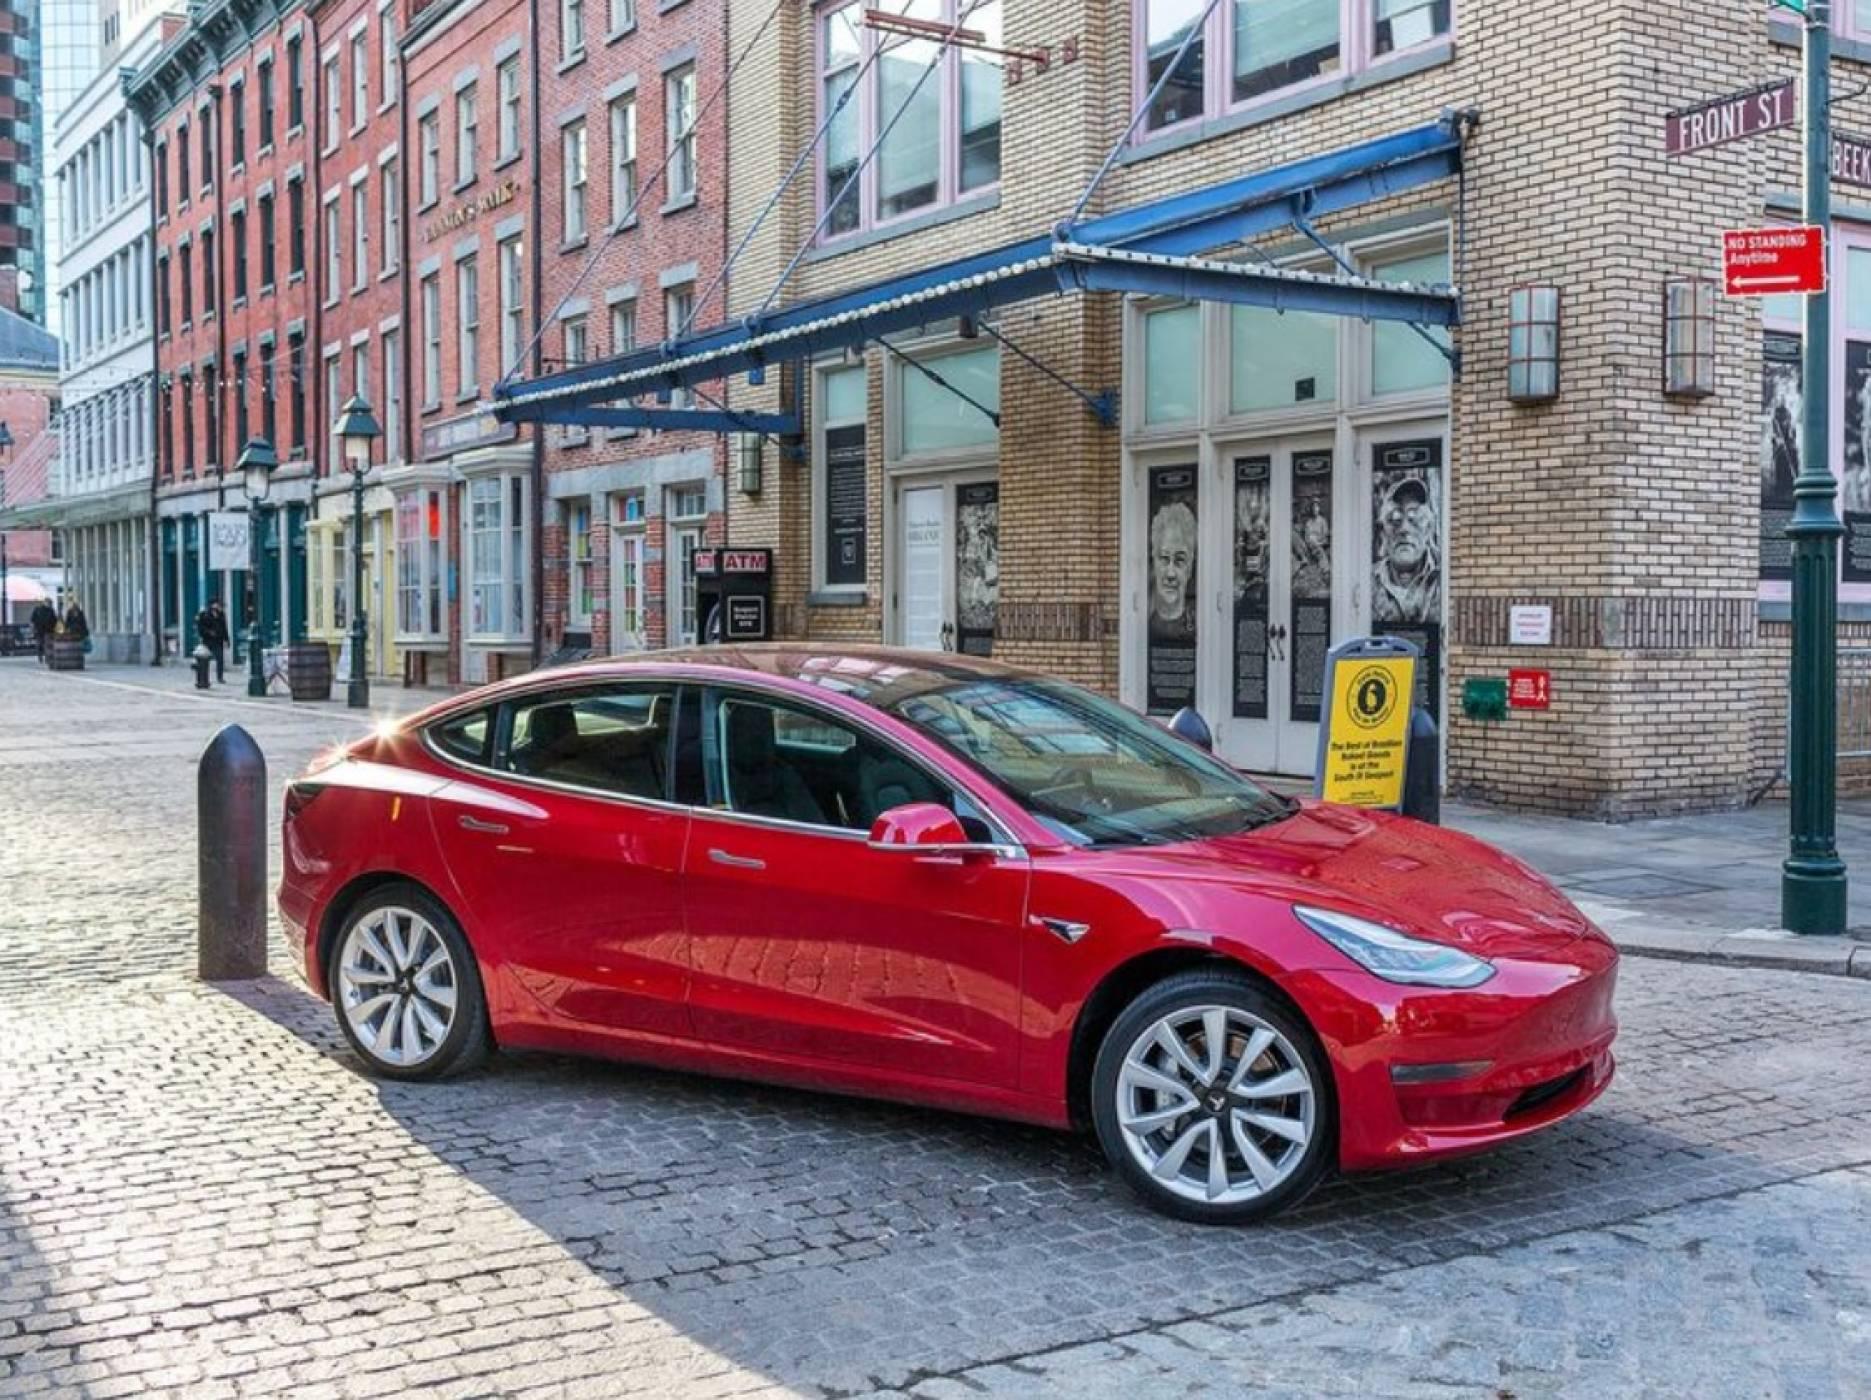 Първите бройки от Tesla Model 3 стъпиха в Европа